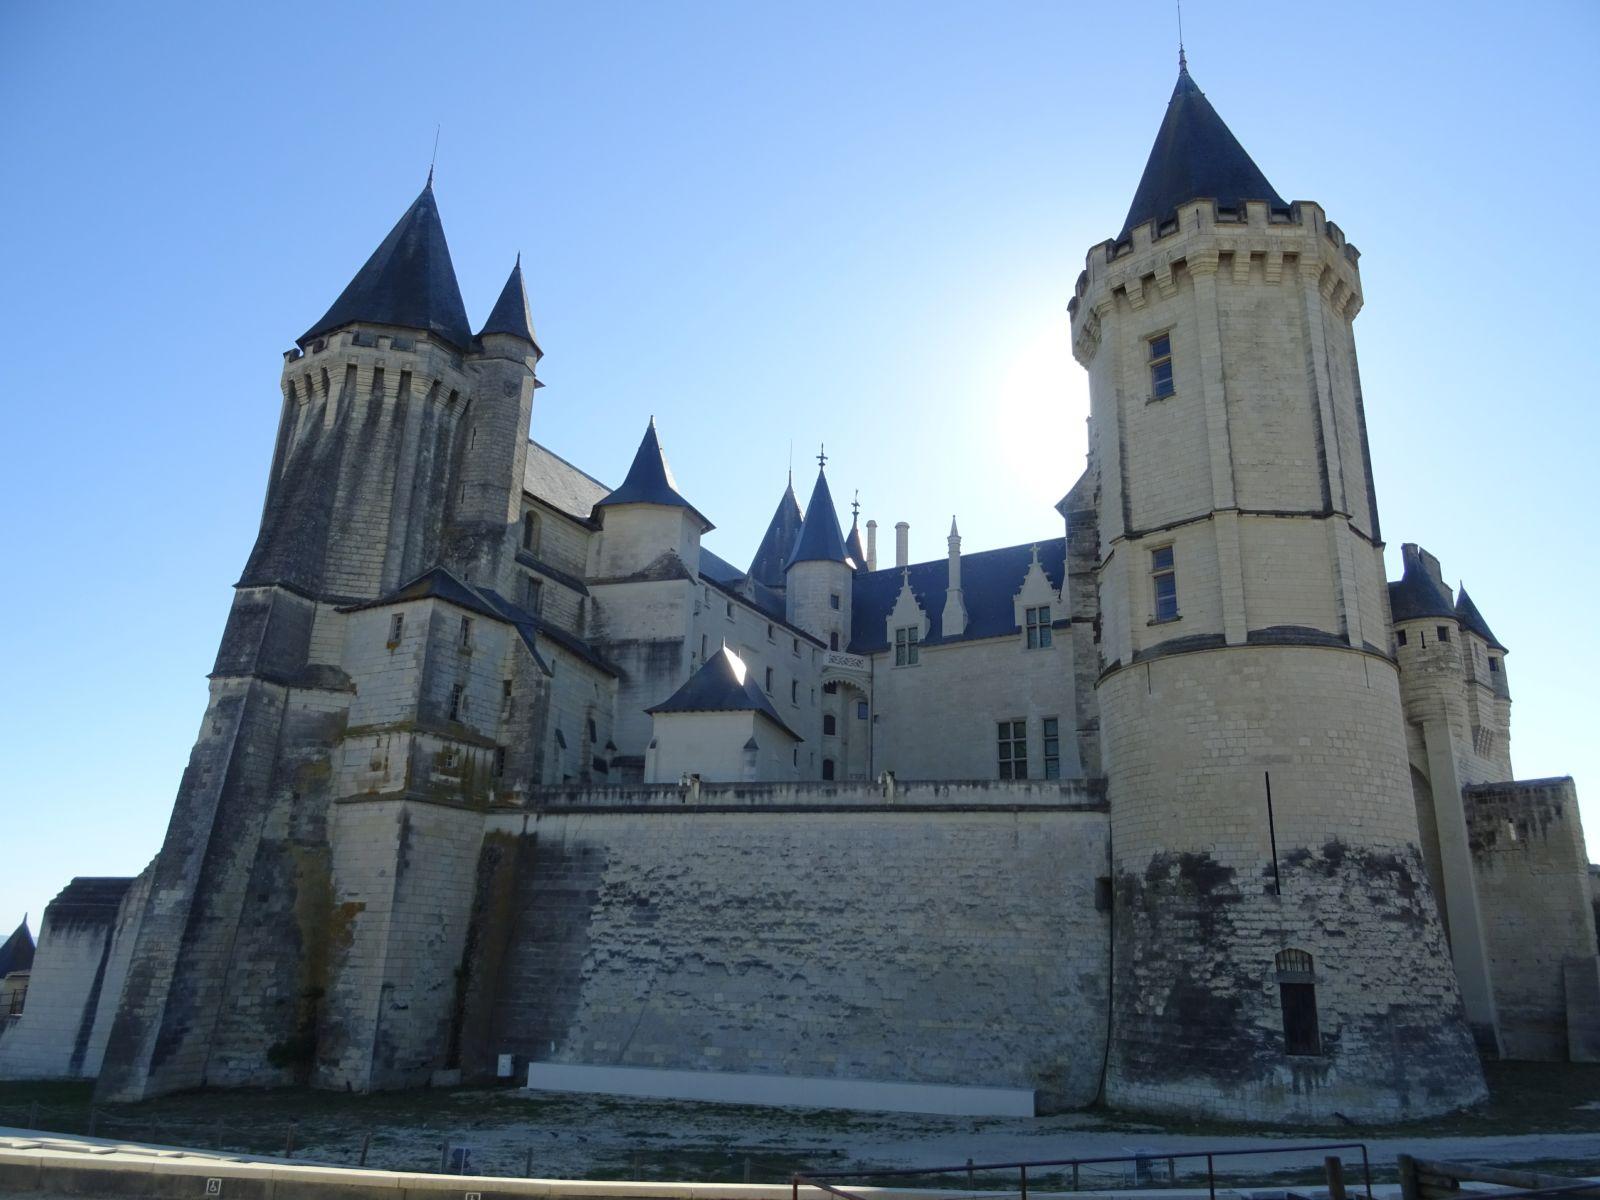 Chateau de saumur 2